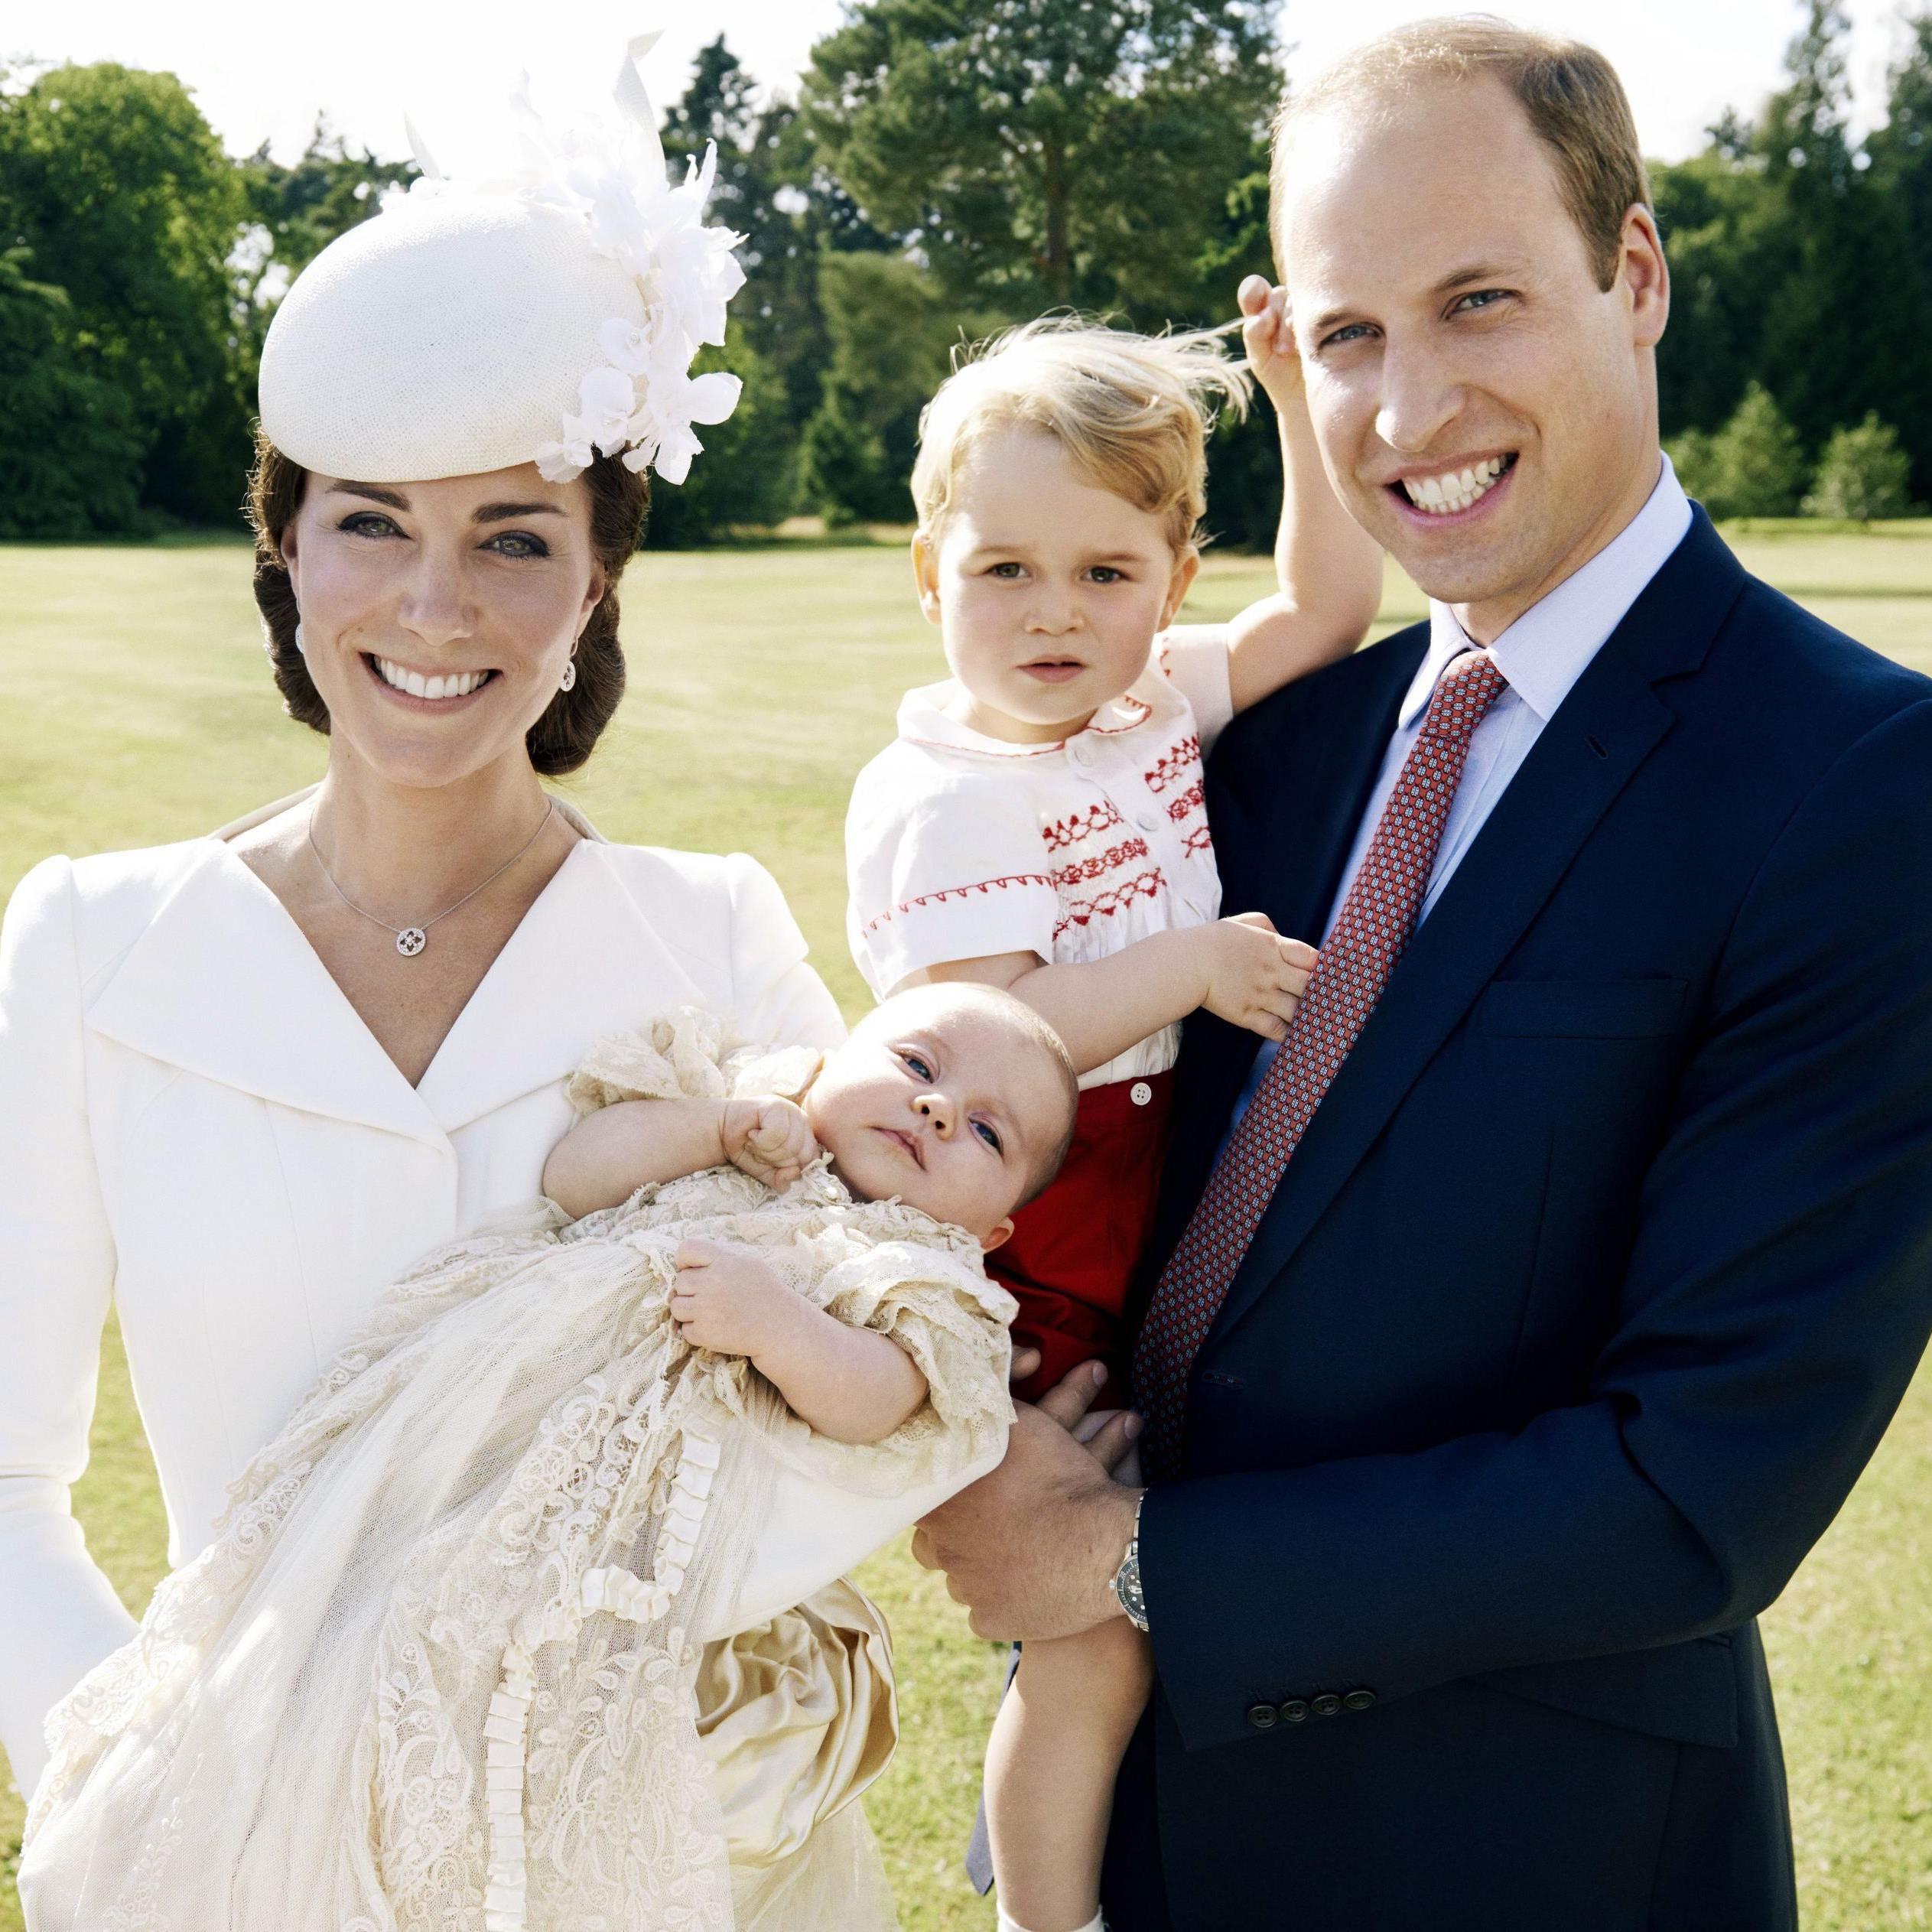 Star-Fotograf Mario Testino lichtete Großbritanniens Prinzessin ab.